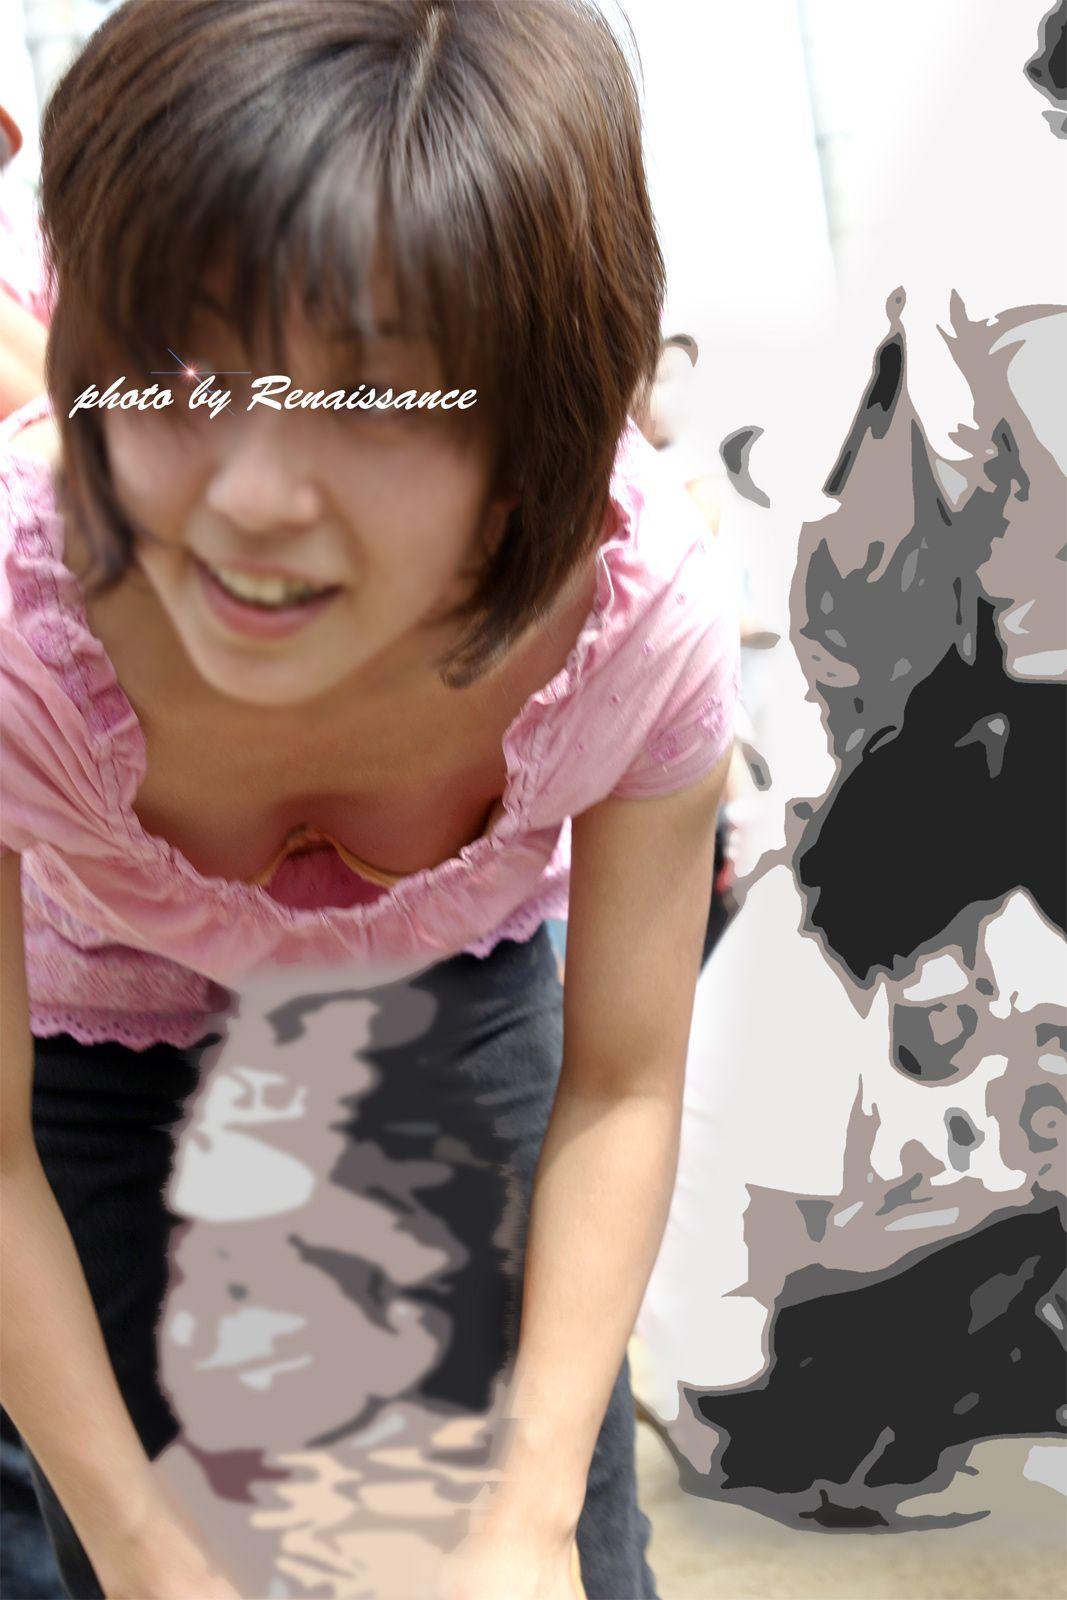 【胸チラエロ画像】ママさんったら!我が子の為に晒した豊かな胸元www 07